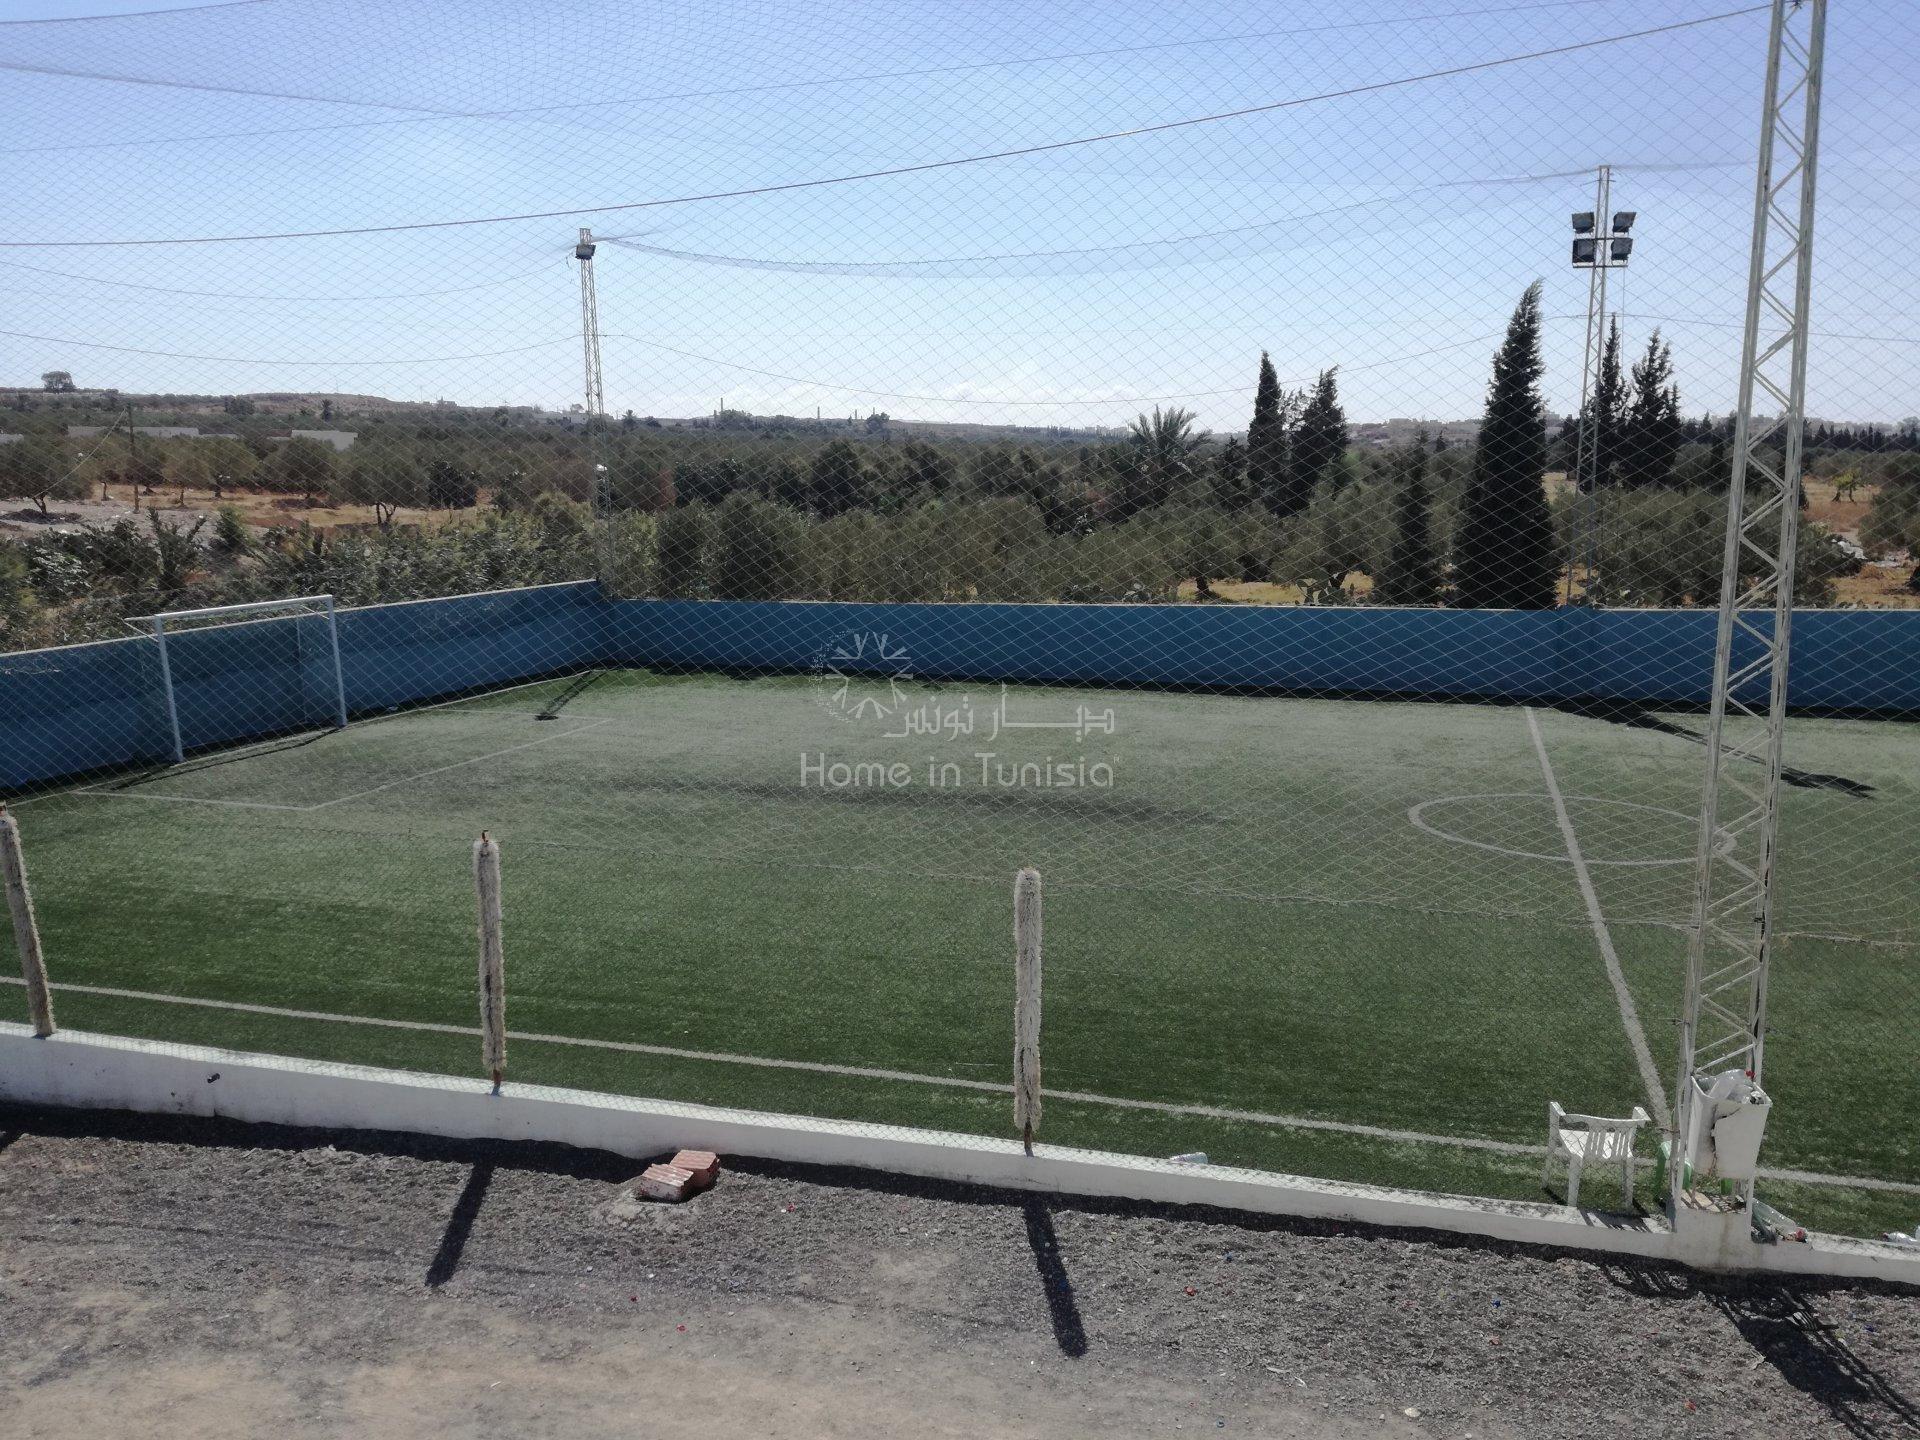 Stade de foot - Activité Sportive